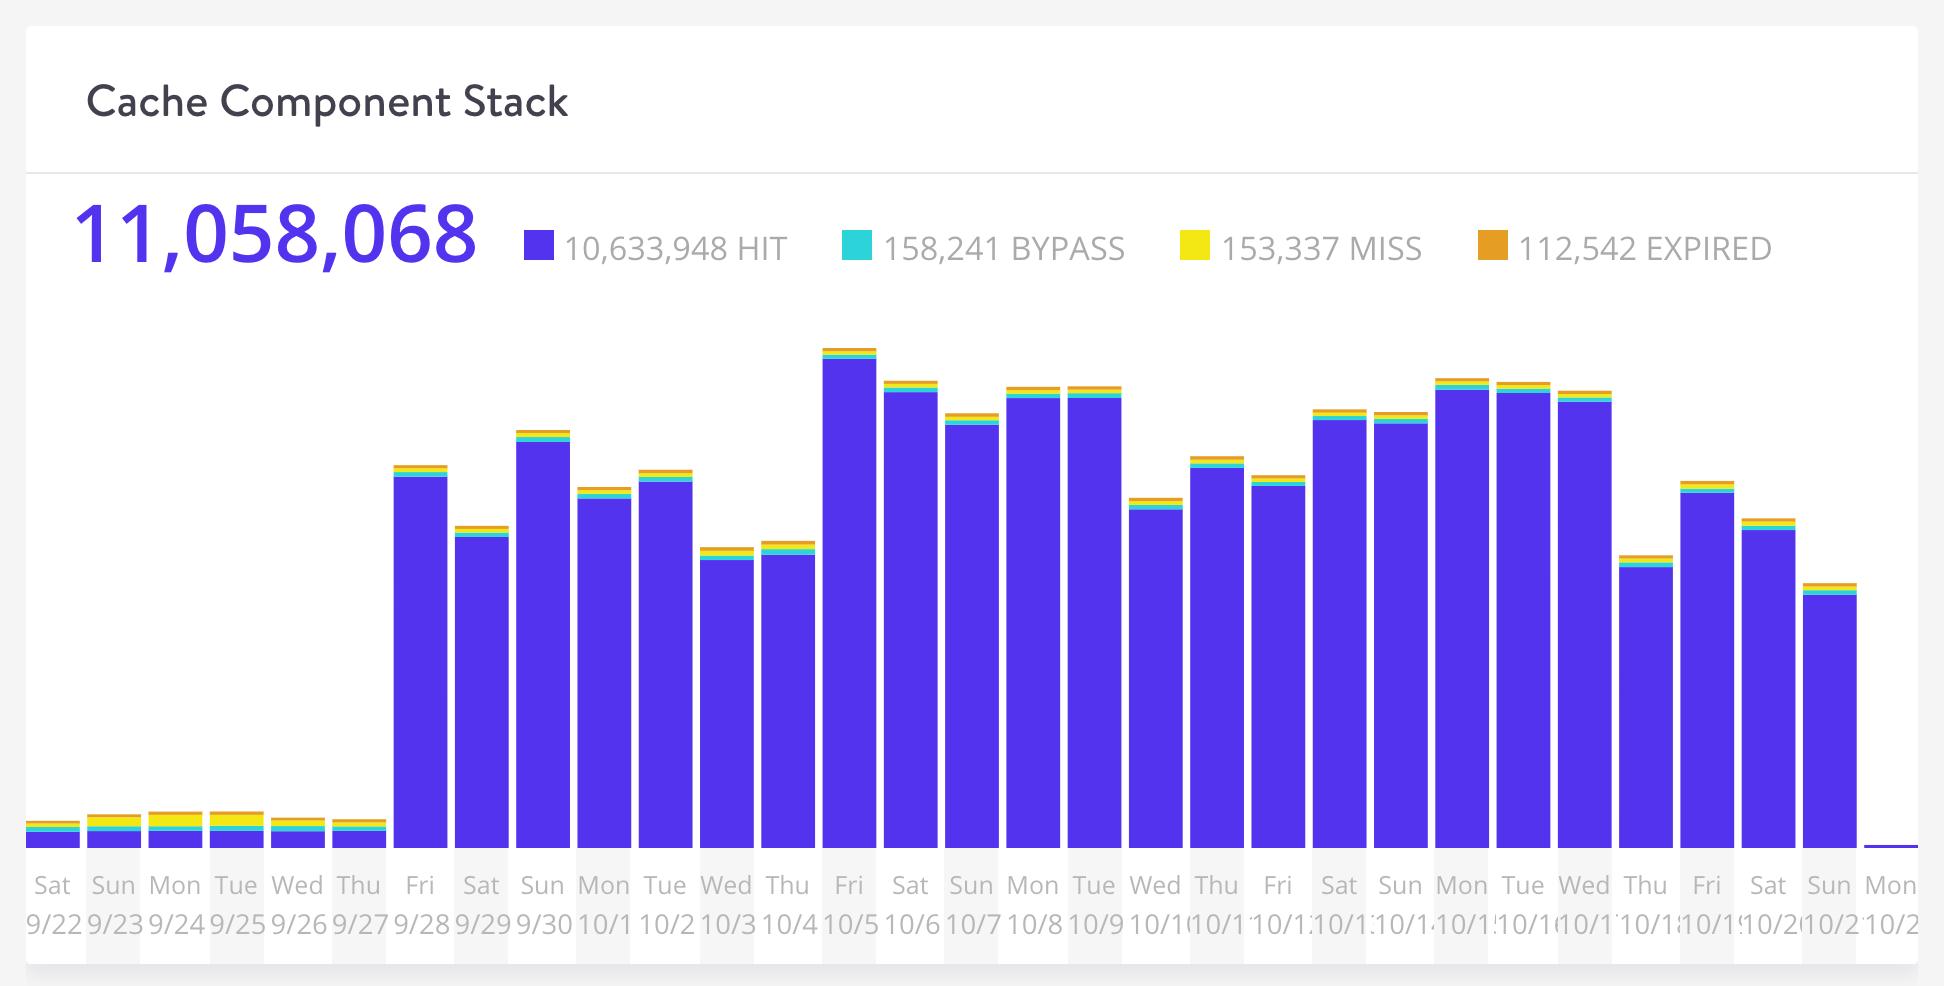 Stack dei componenti della cache di Kinsta